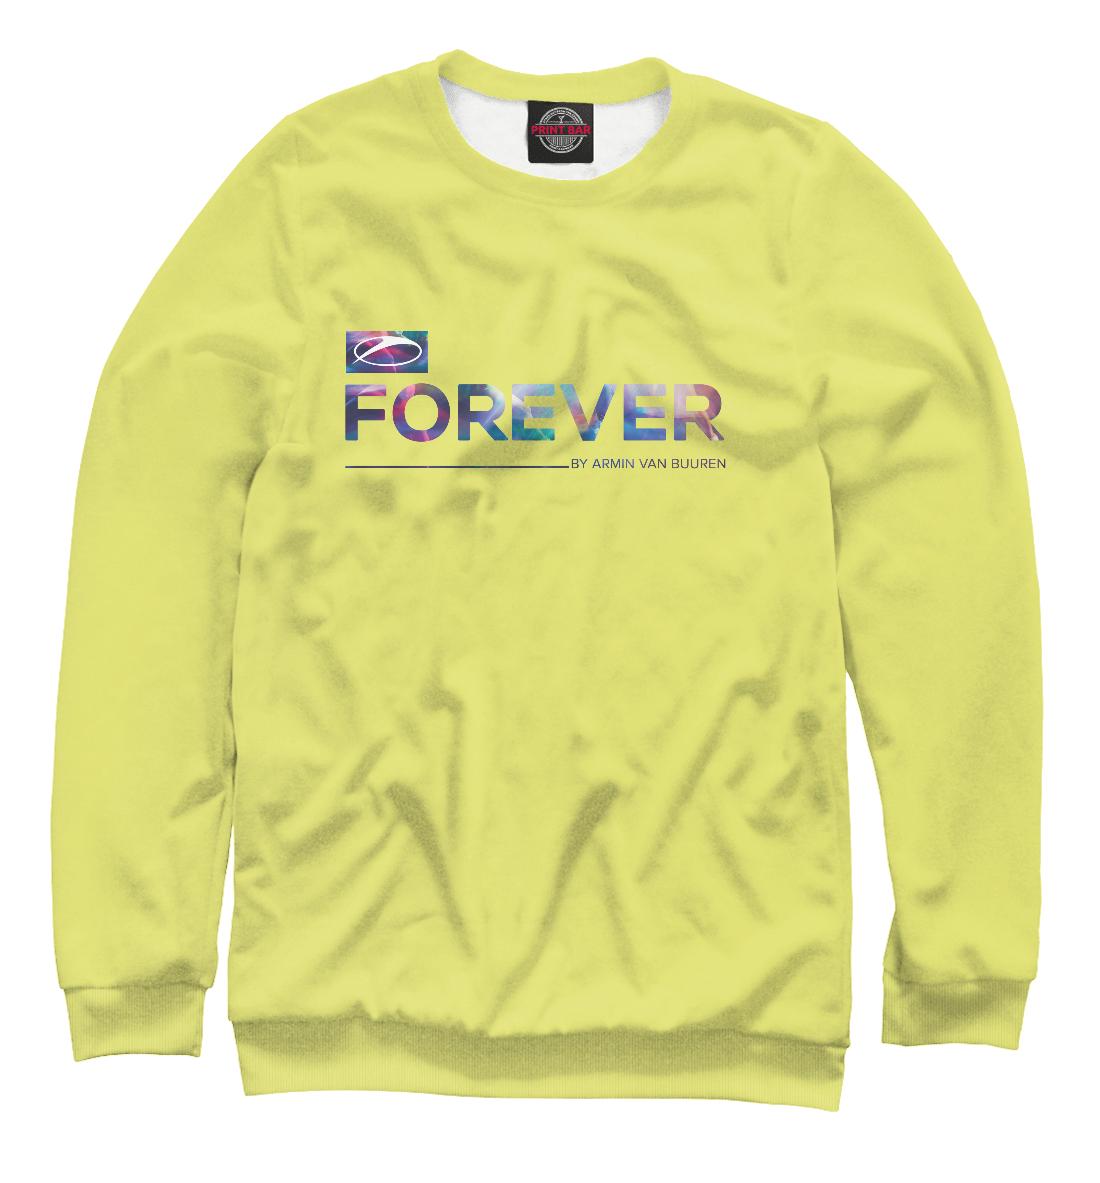 ASOT FOREVER BY AvB